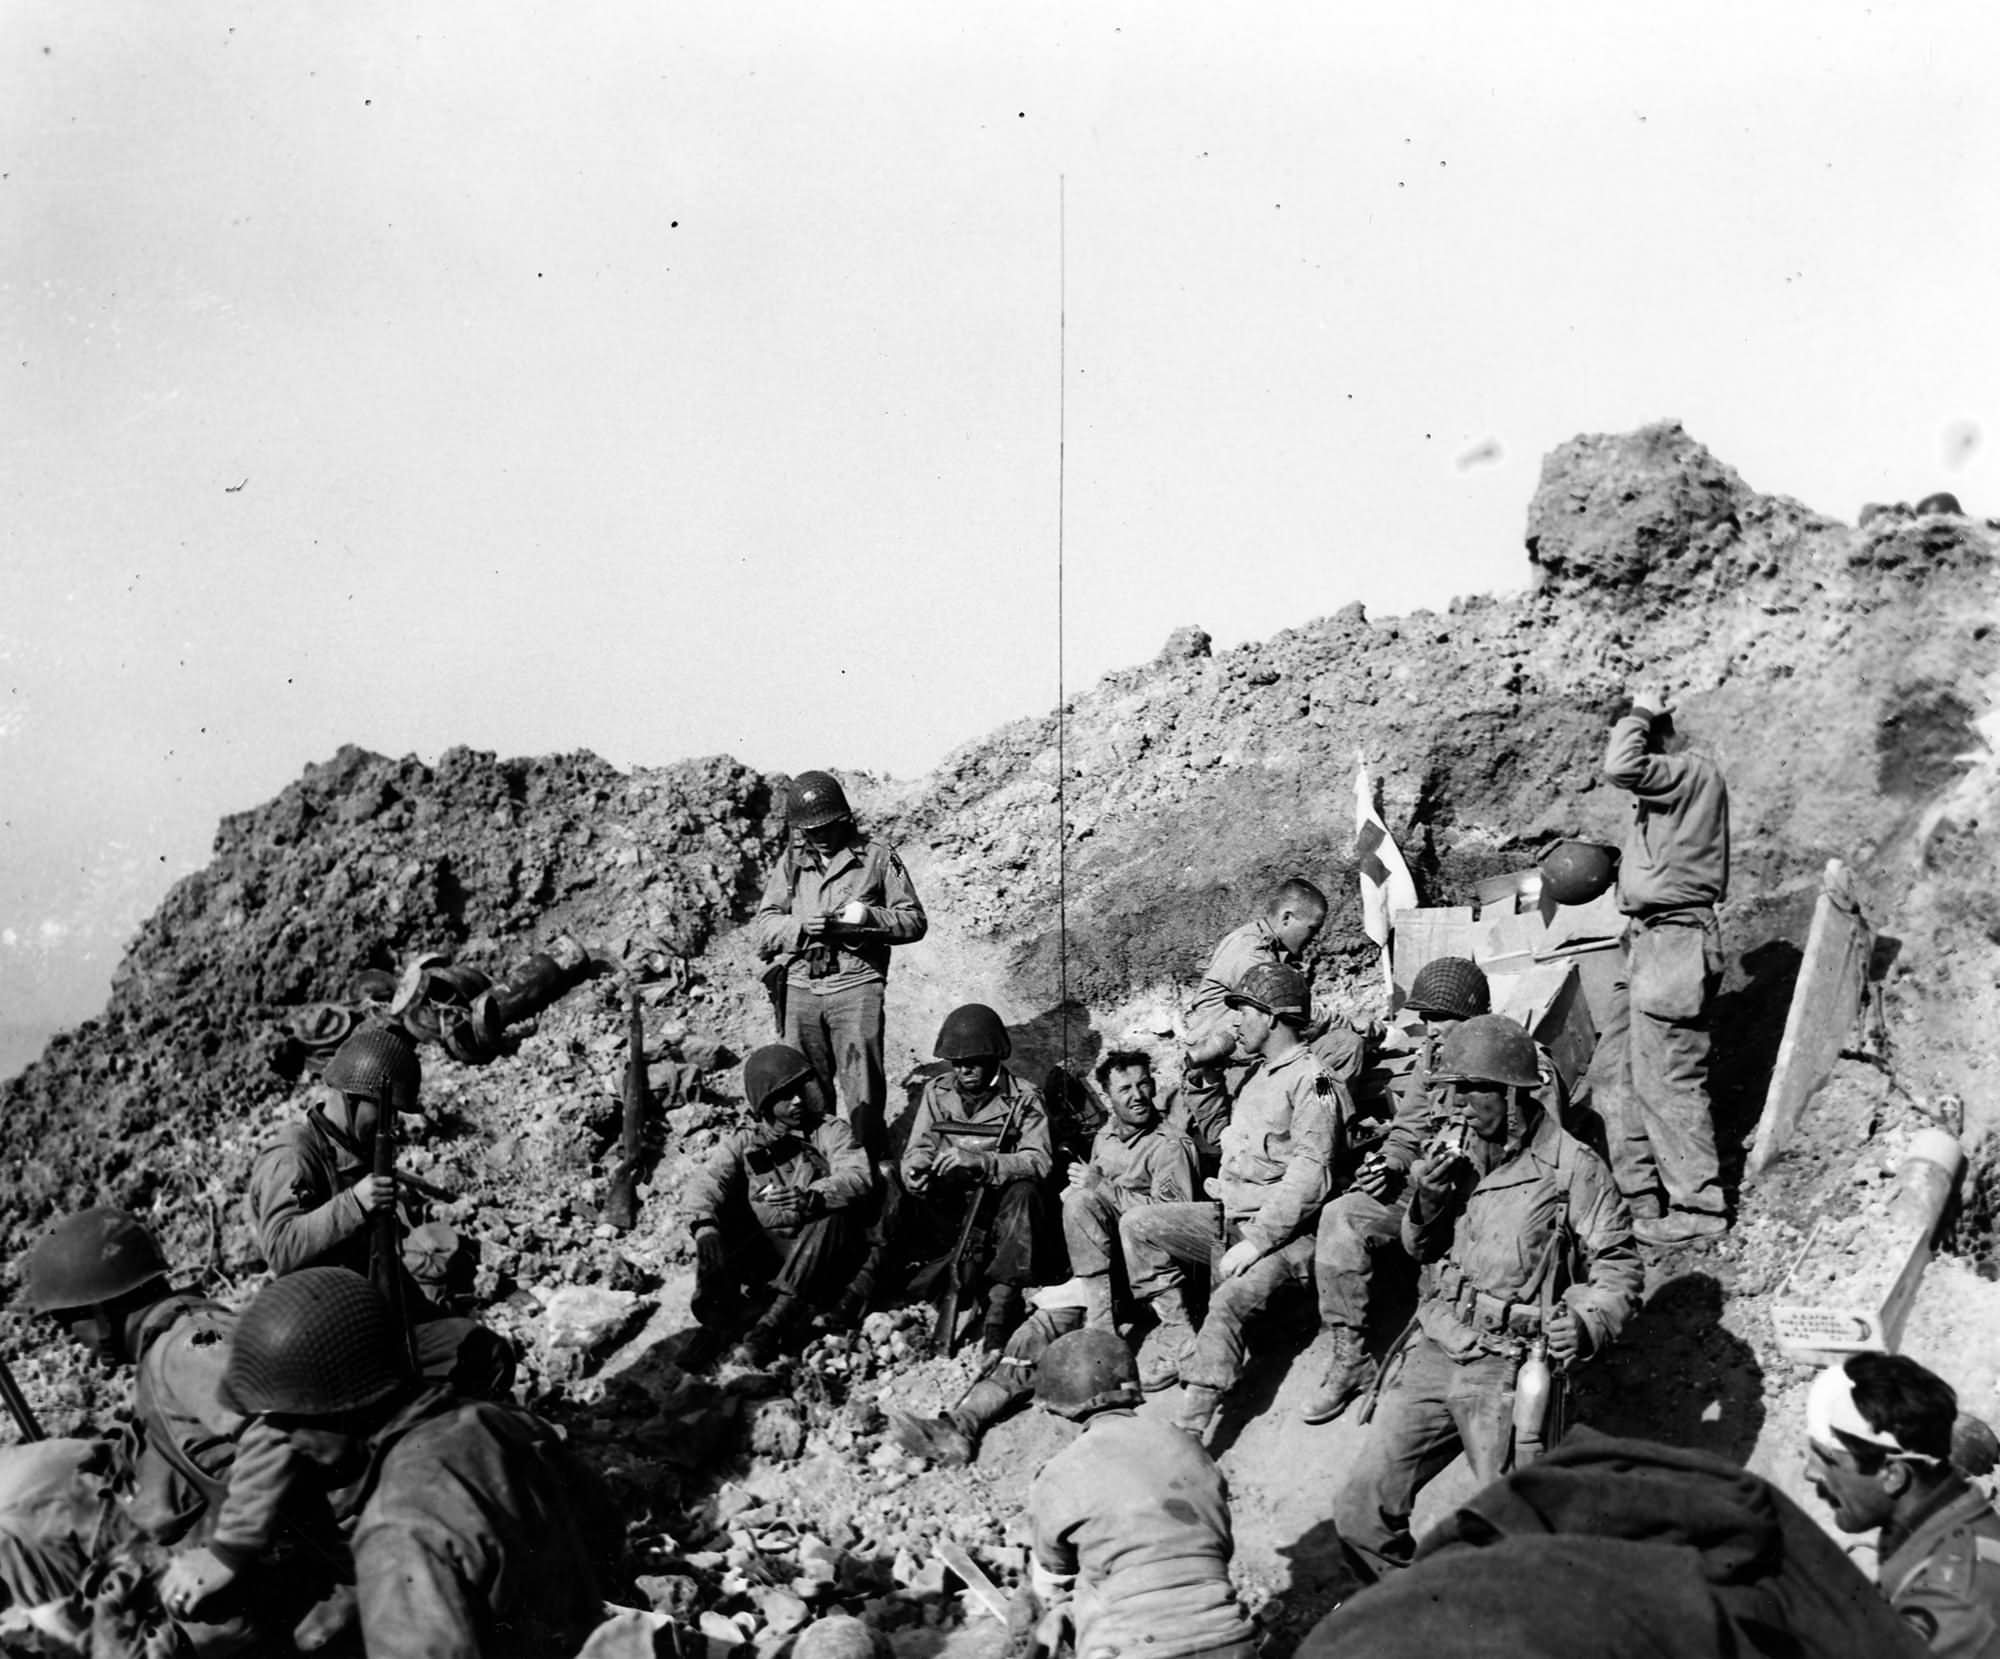 Rangers rest atop the cliffs at Pointe du Hoc 6 June 1944